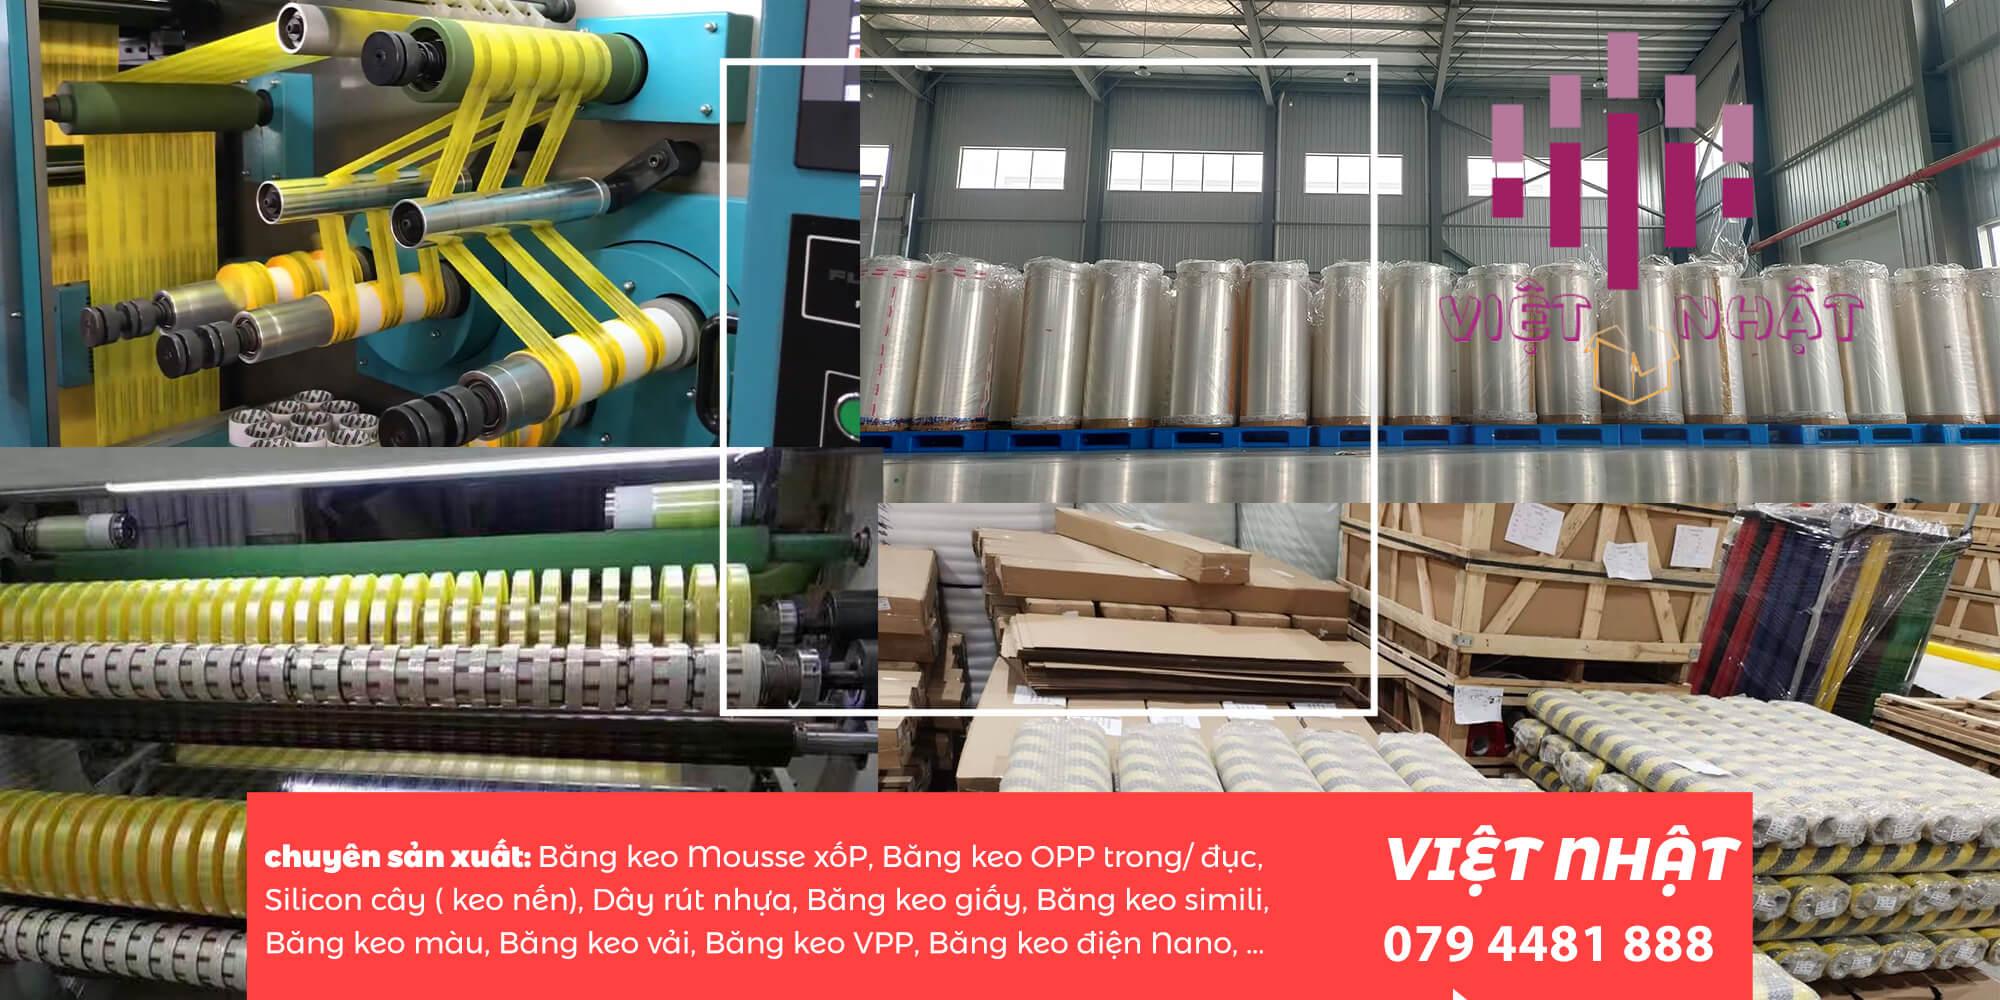 Công ty băng keo việt nhật được thành lập từ năm 2010 với sứ mệnh nhập khẩu, sản xuất và phân phối băng keo, thiết bị máy móc sản xuất băng keo